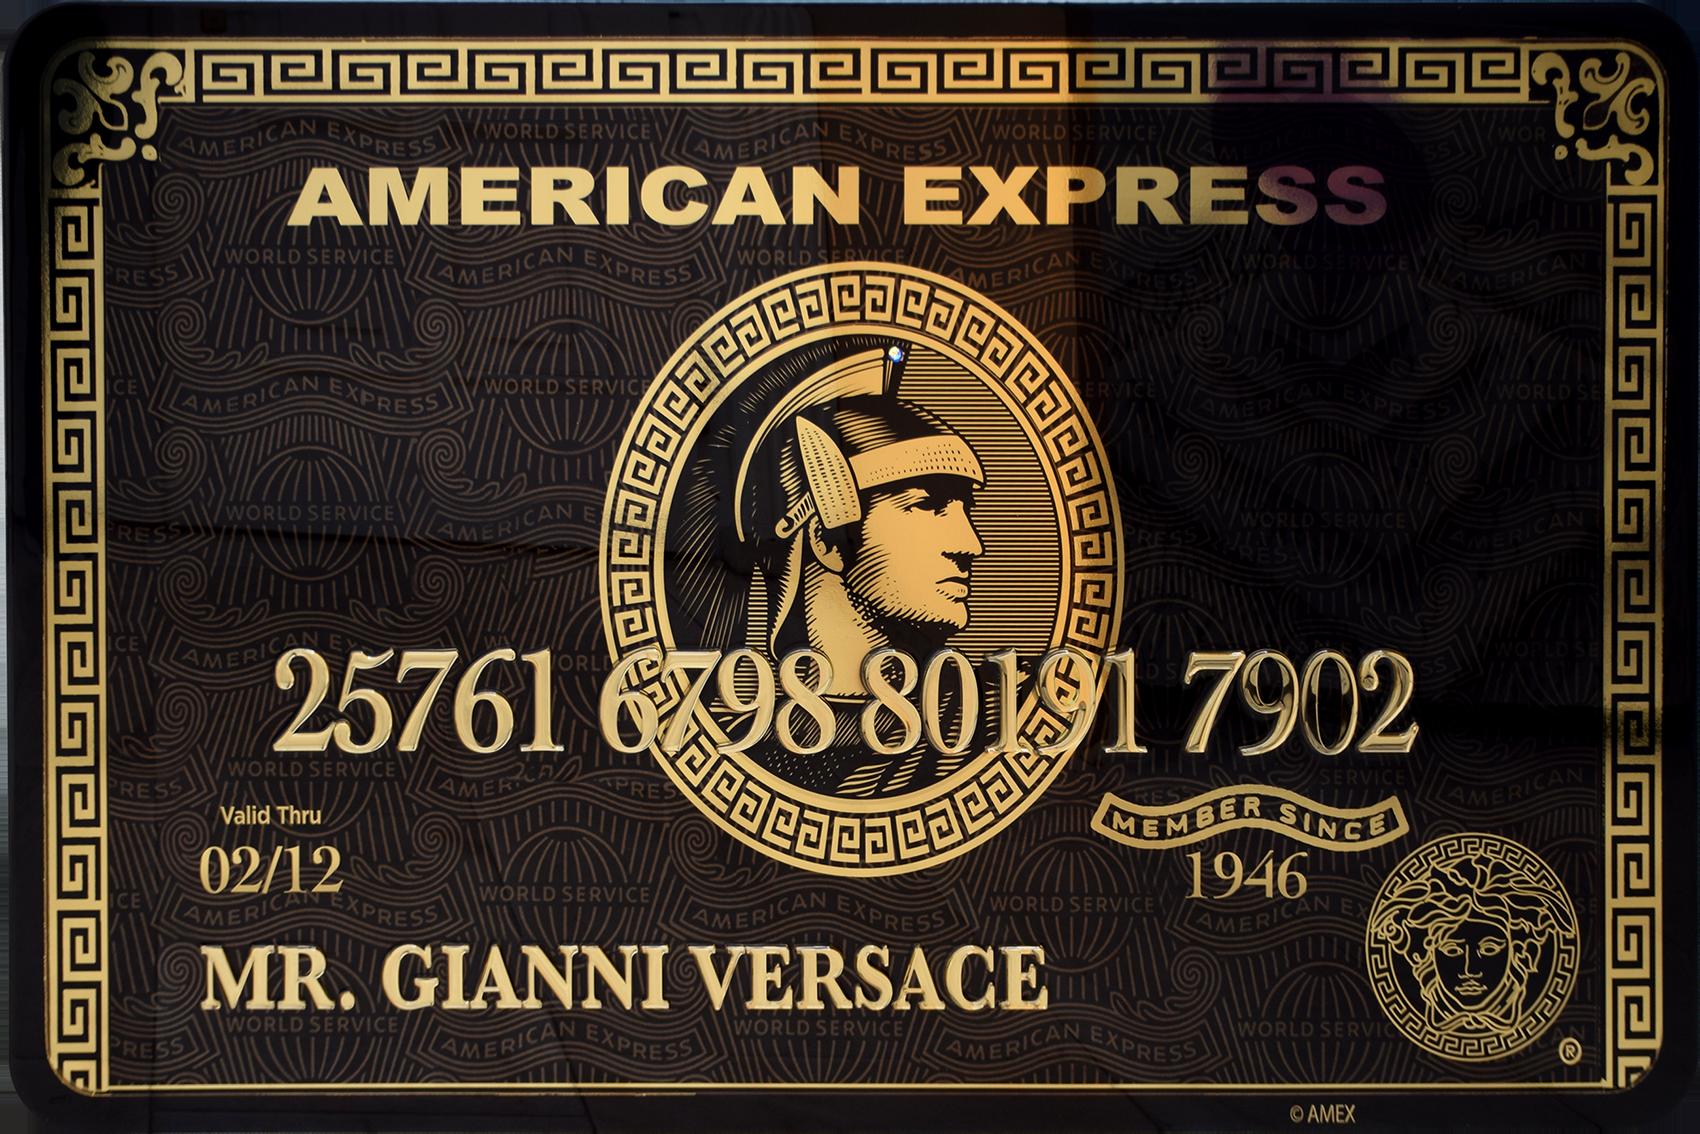 Diederik - AMEX (Mr. Gianni Versace) , 4504-016-263-269